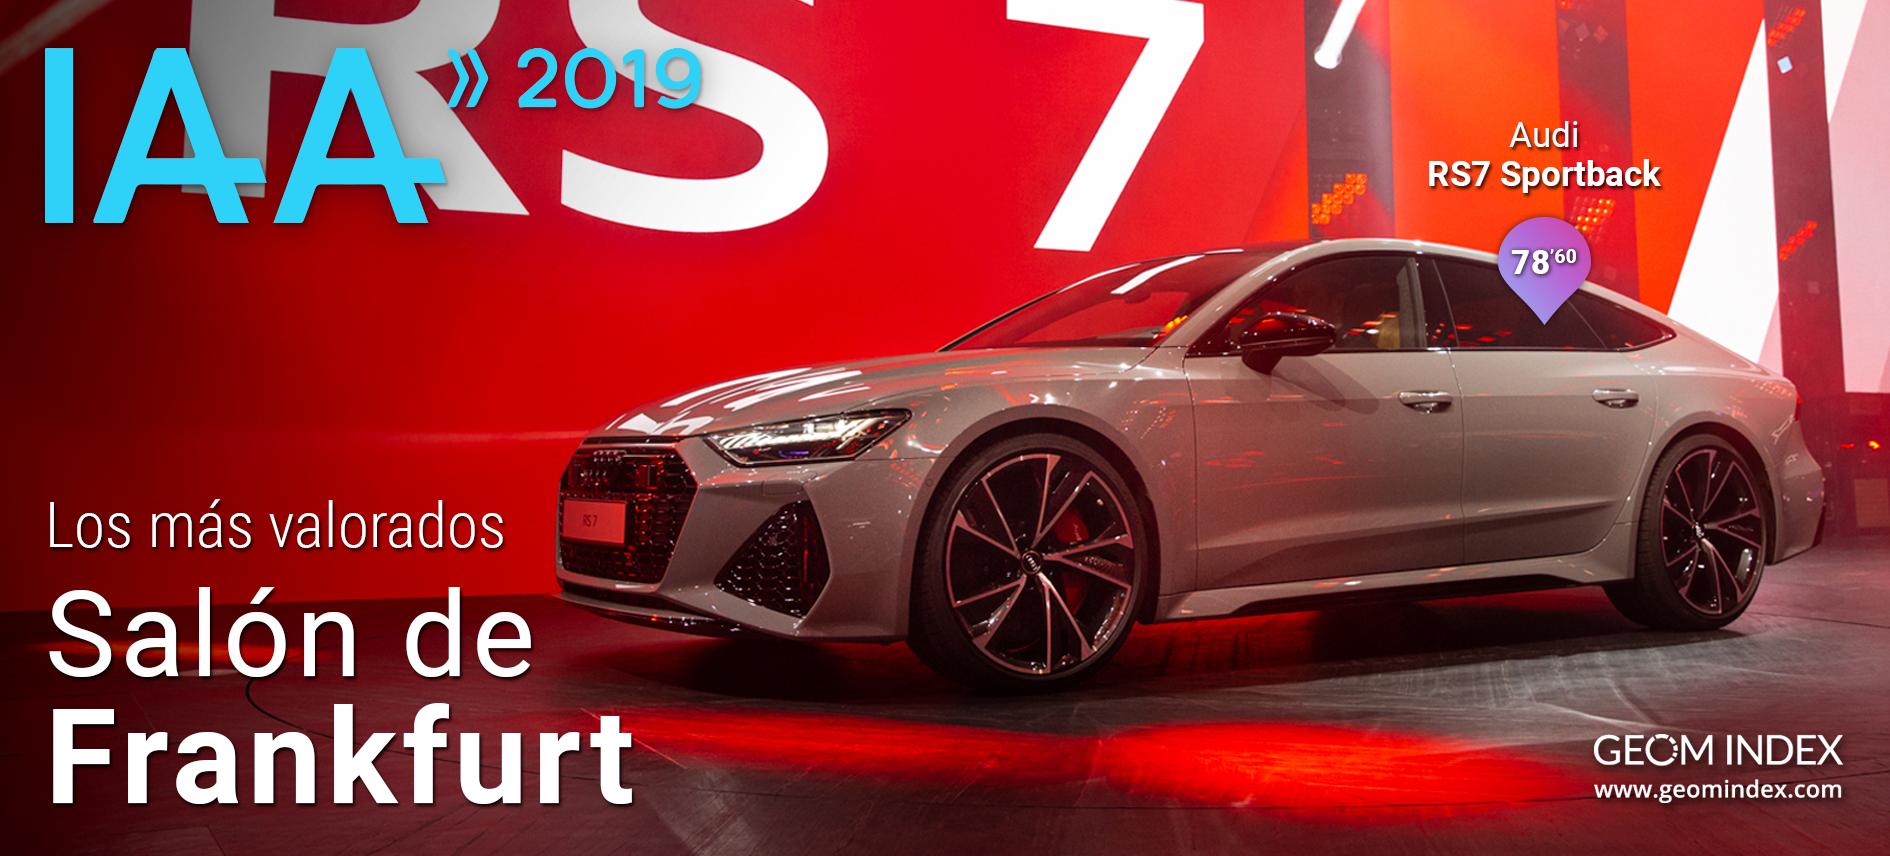 Audi RS7 Sportback, Porsche Taycan y Cupra Tavascan, las novedades más valoradas del Salón de Frankfurt